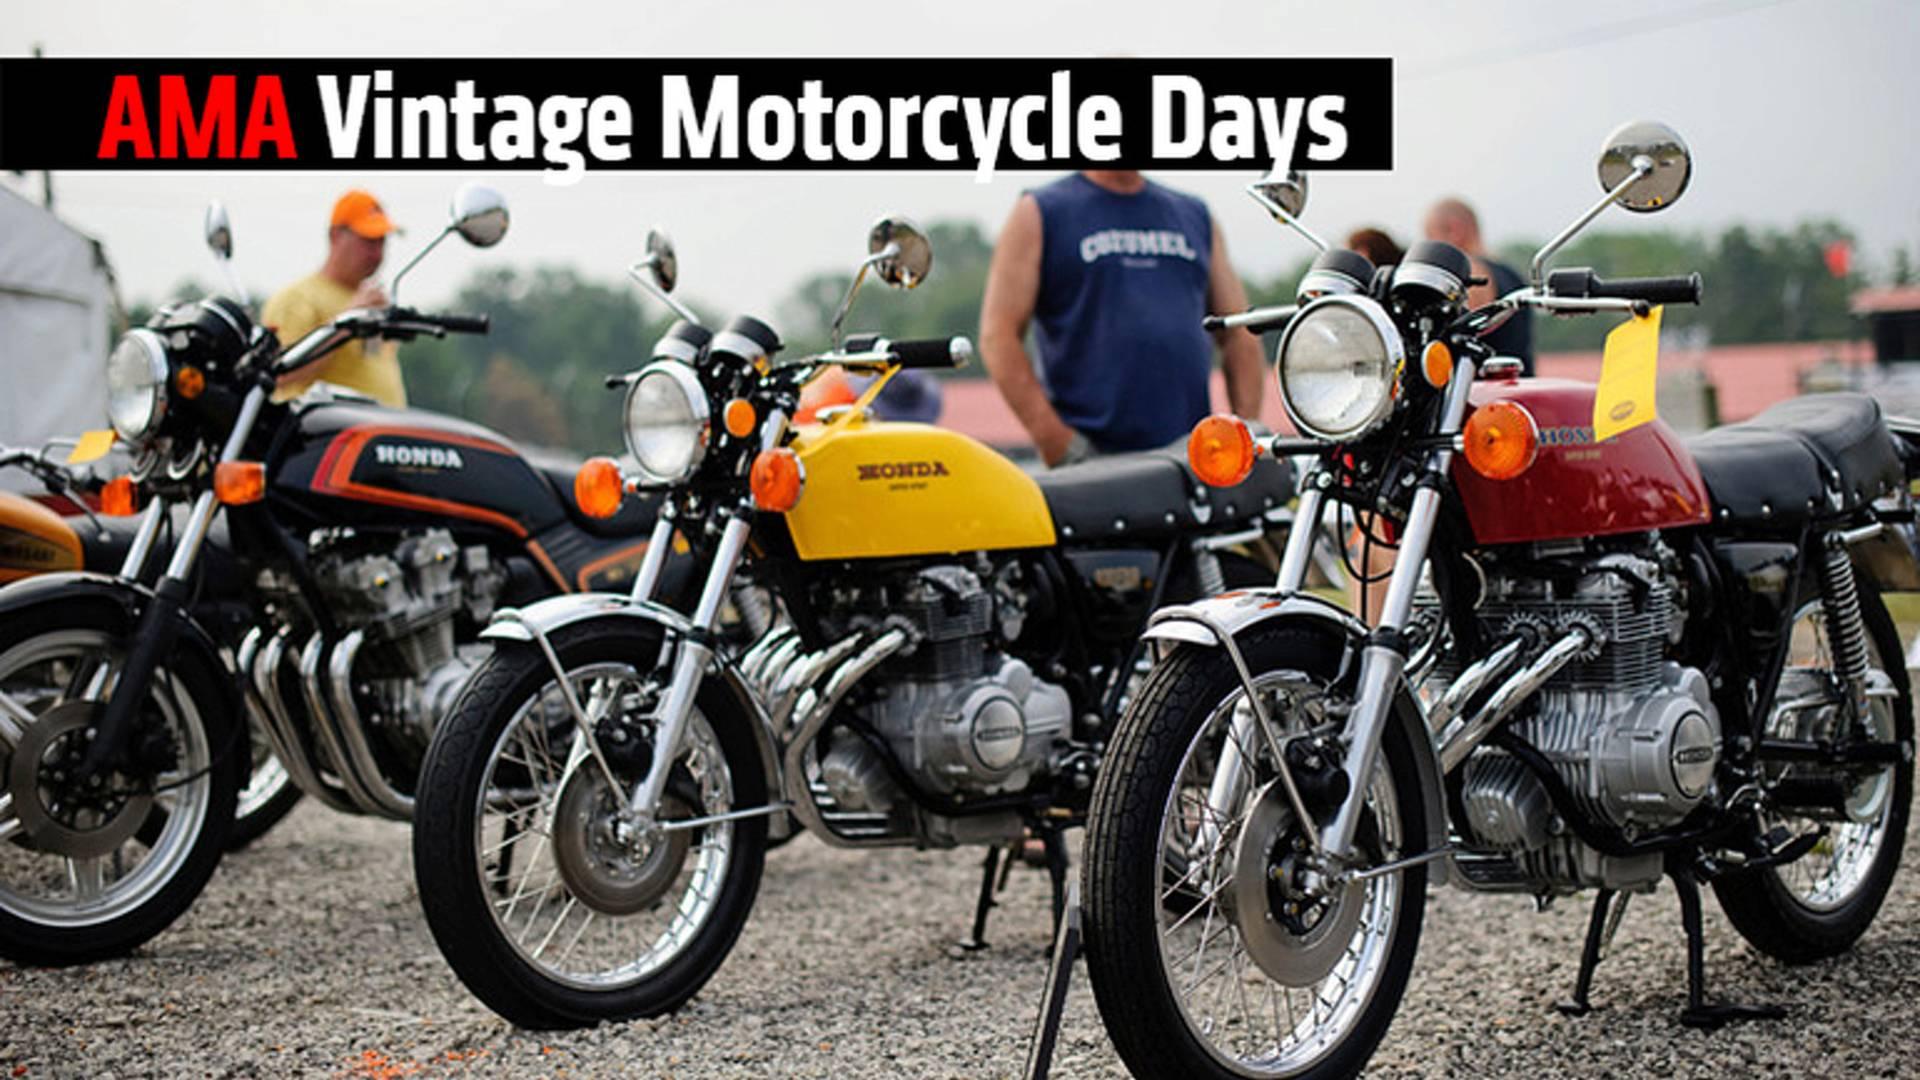 AMA Vintage Motorcycle Days 2017 | SCREAMING THUNDER